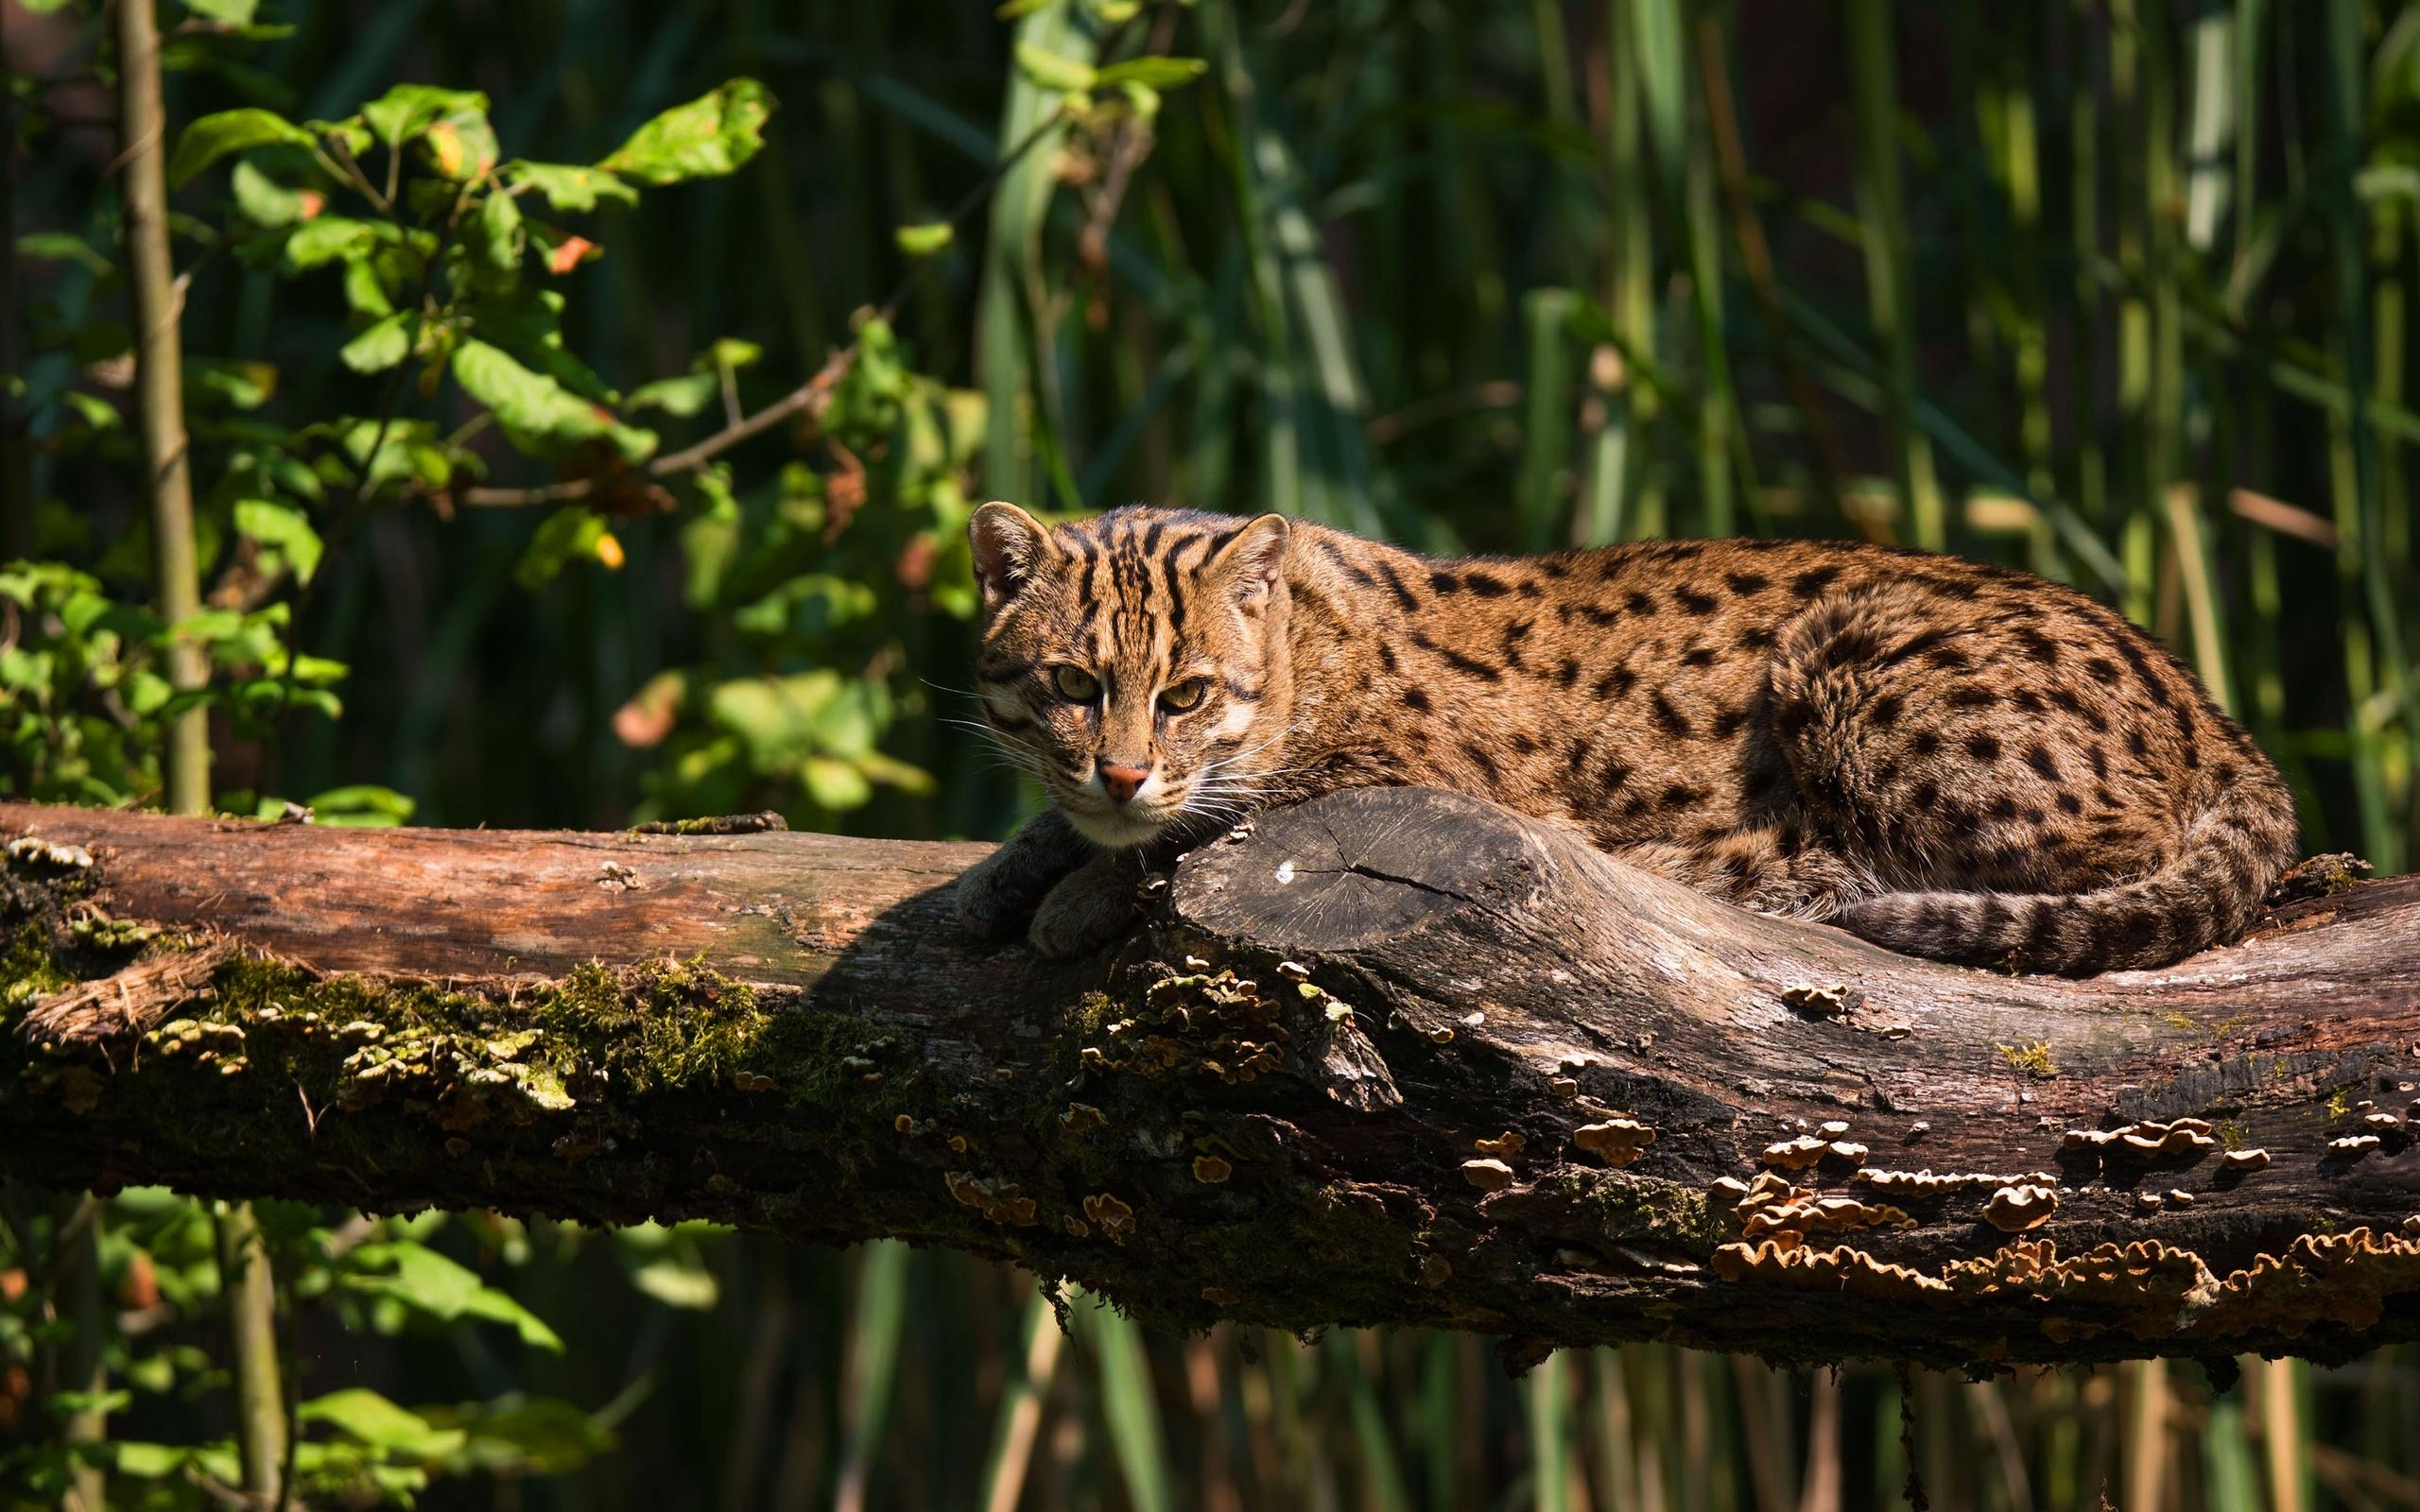 трава, кот, взгляд, свет, поза, лежит, бревно, дикий кот, рыболов, кот-рыболов, животные